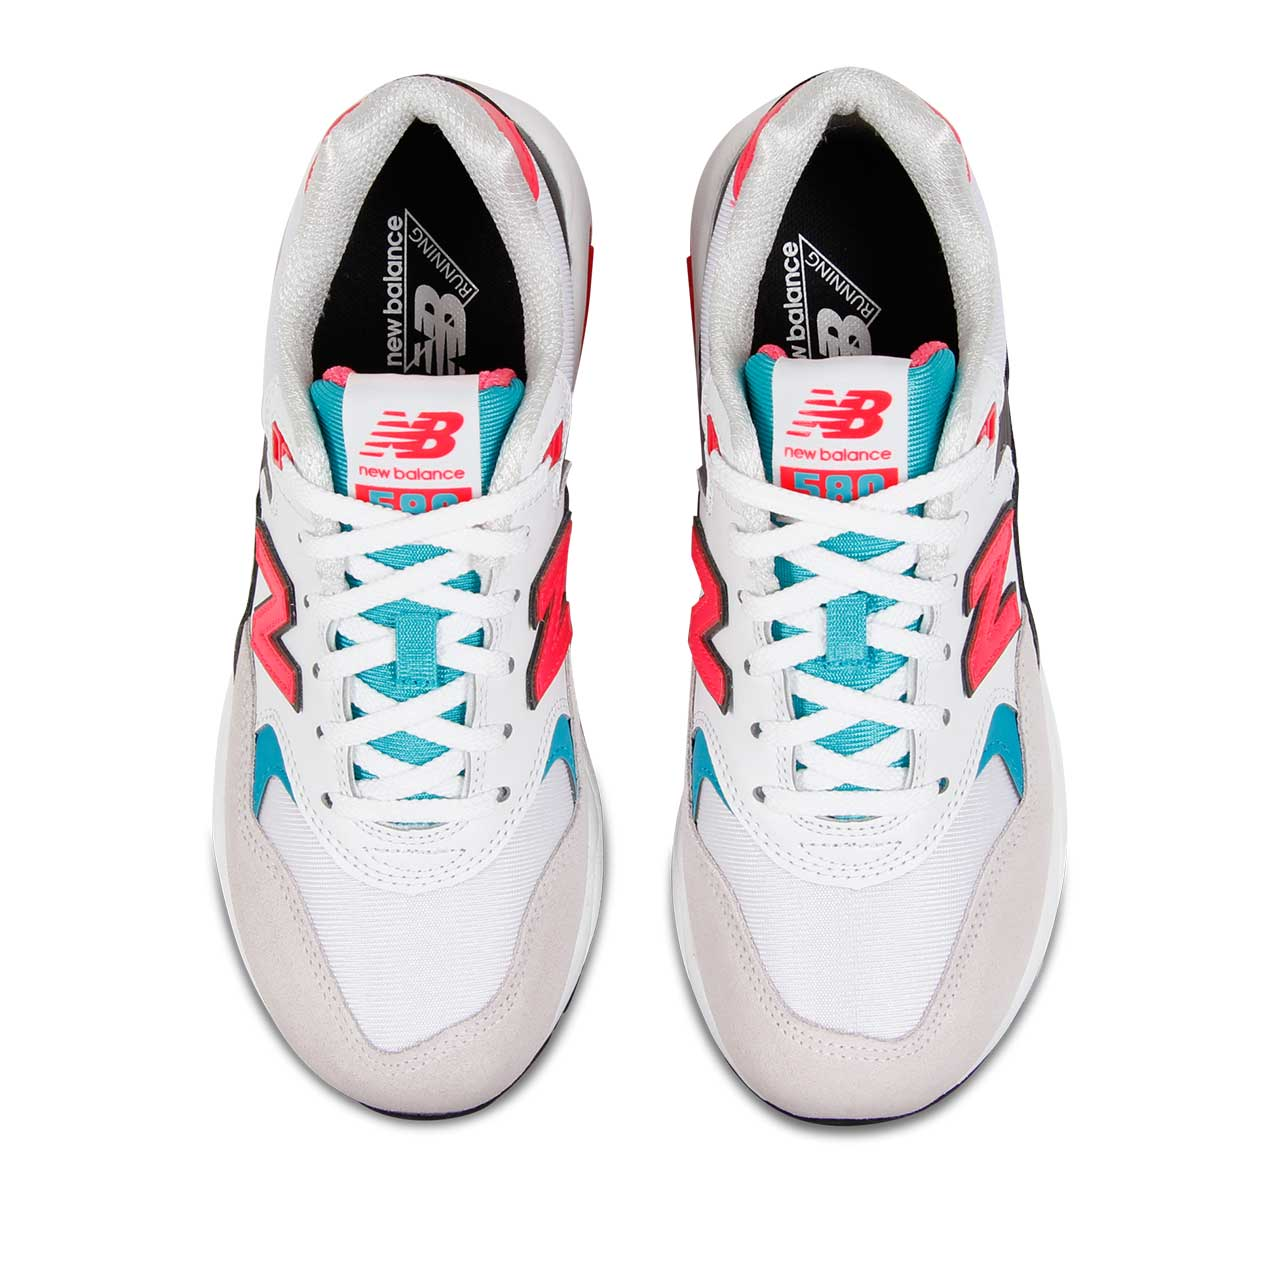 کفش نیوبالانس اورجینال زنانه